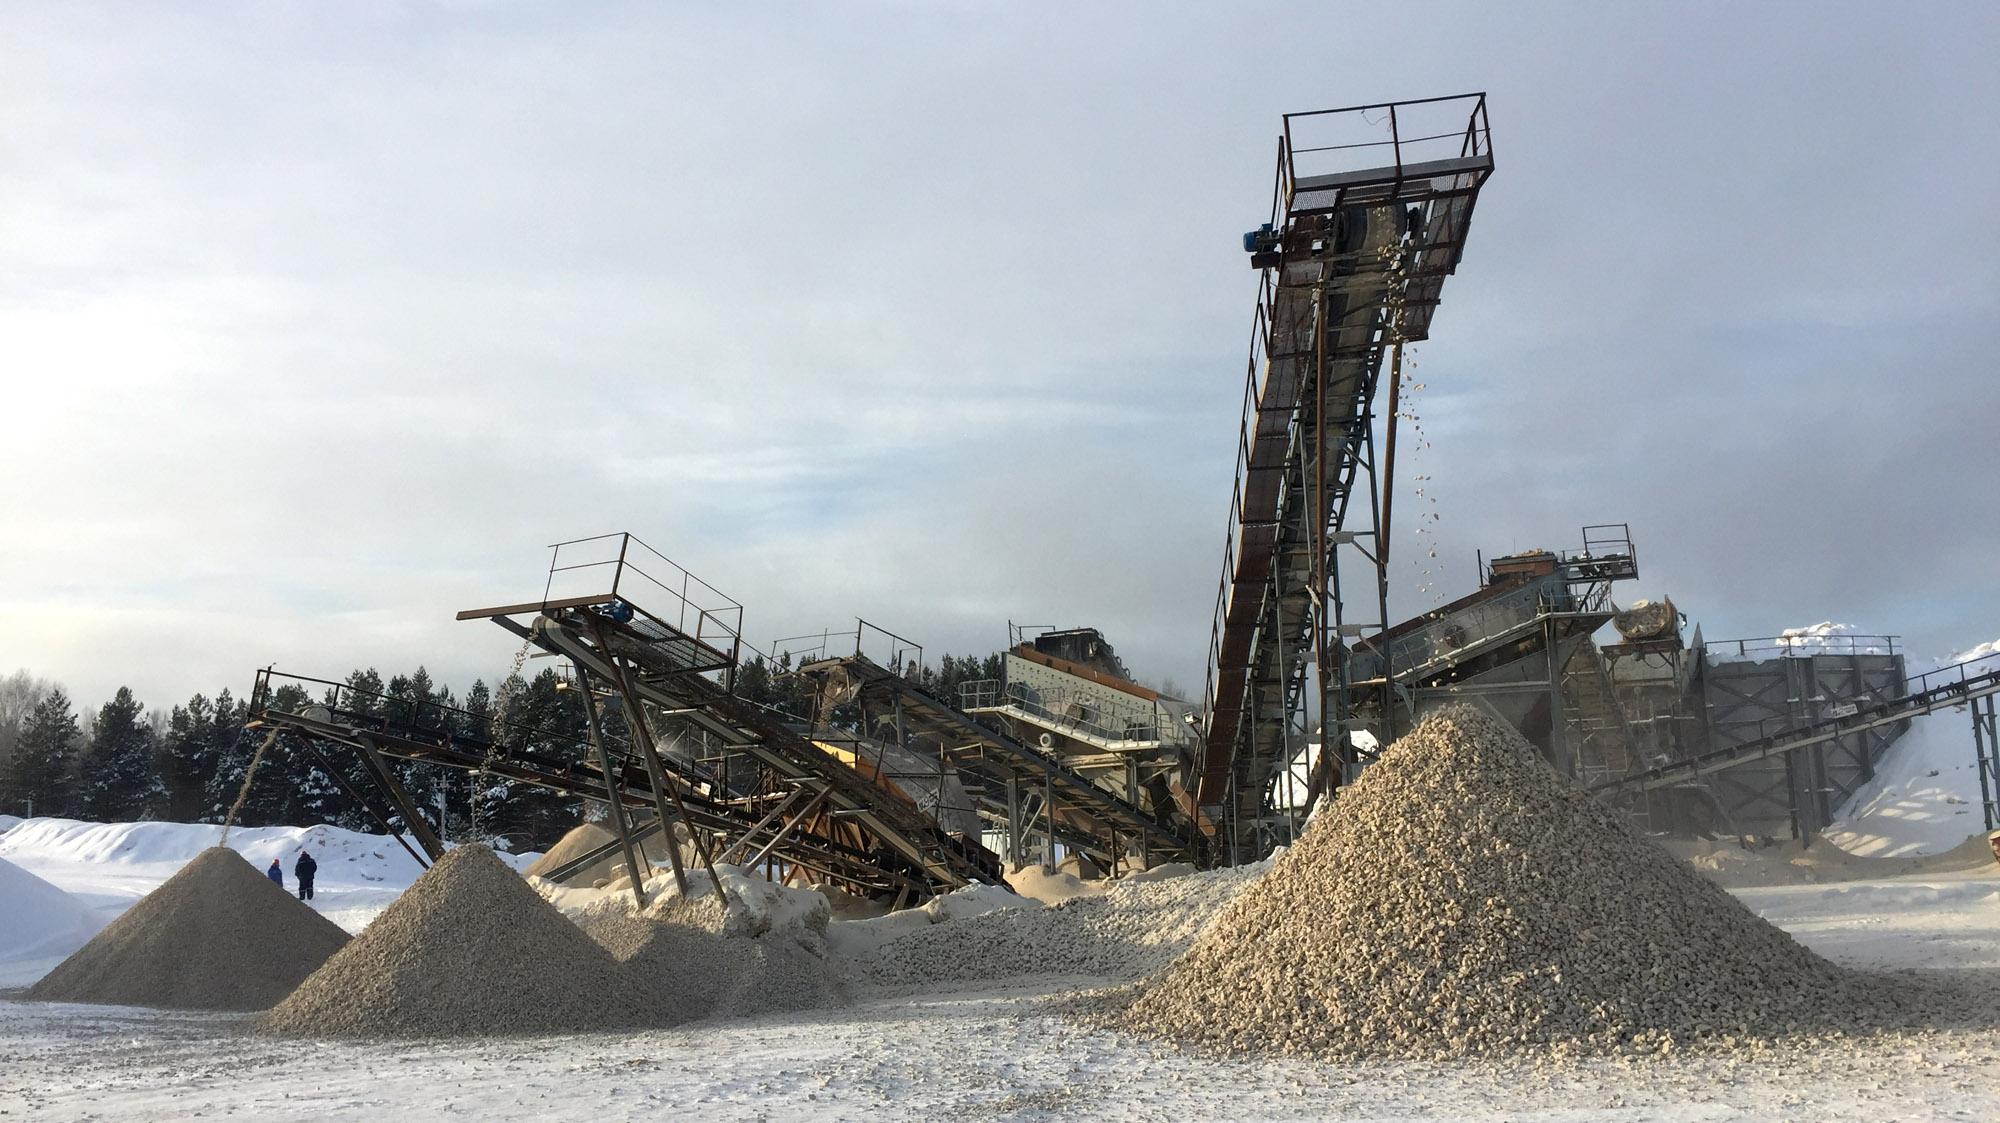 ВМеленковском районе появится завод попроизводству ультрадисперсных порошков